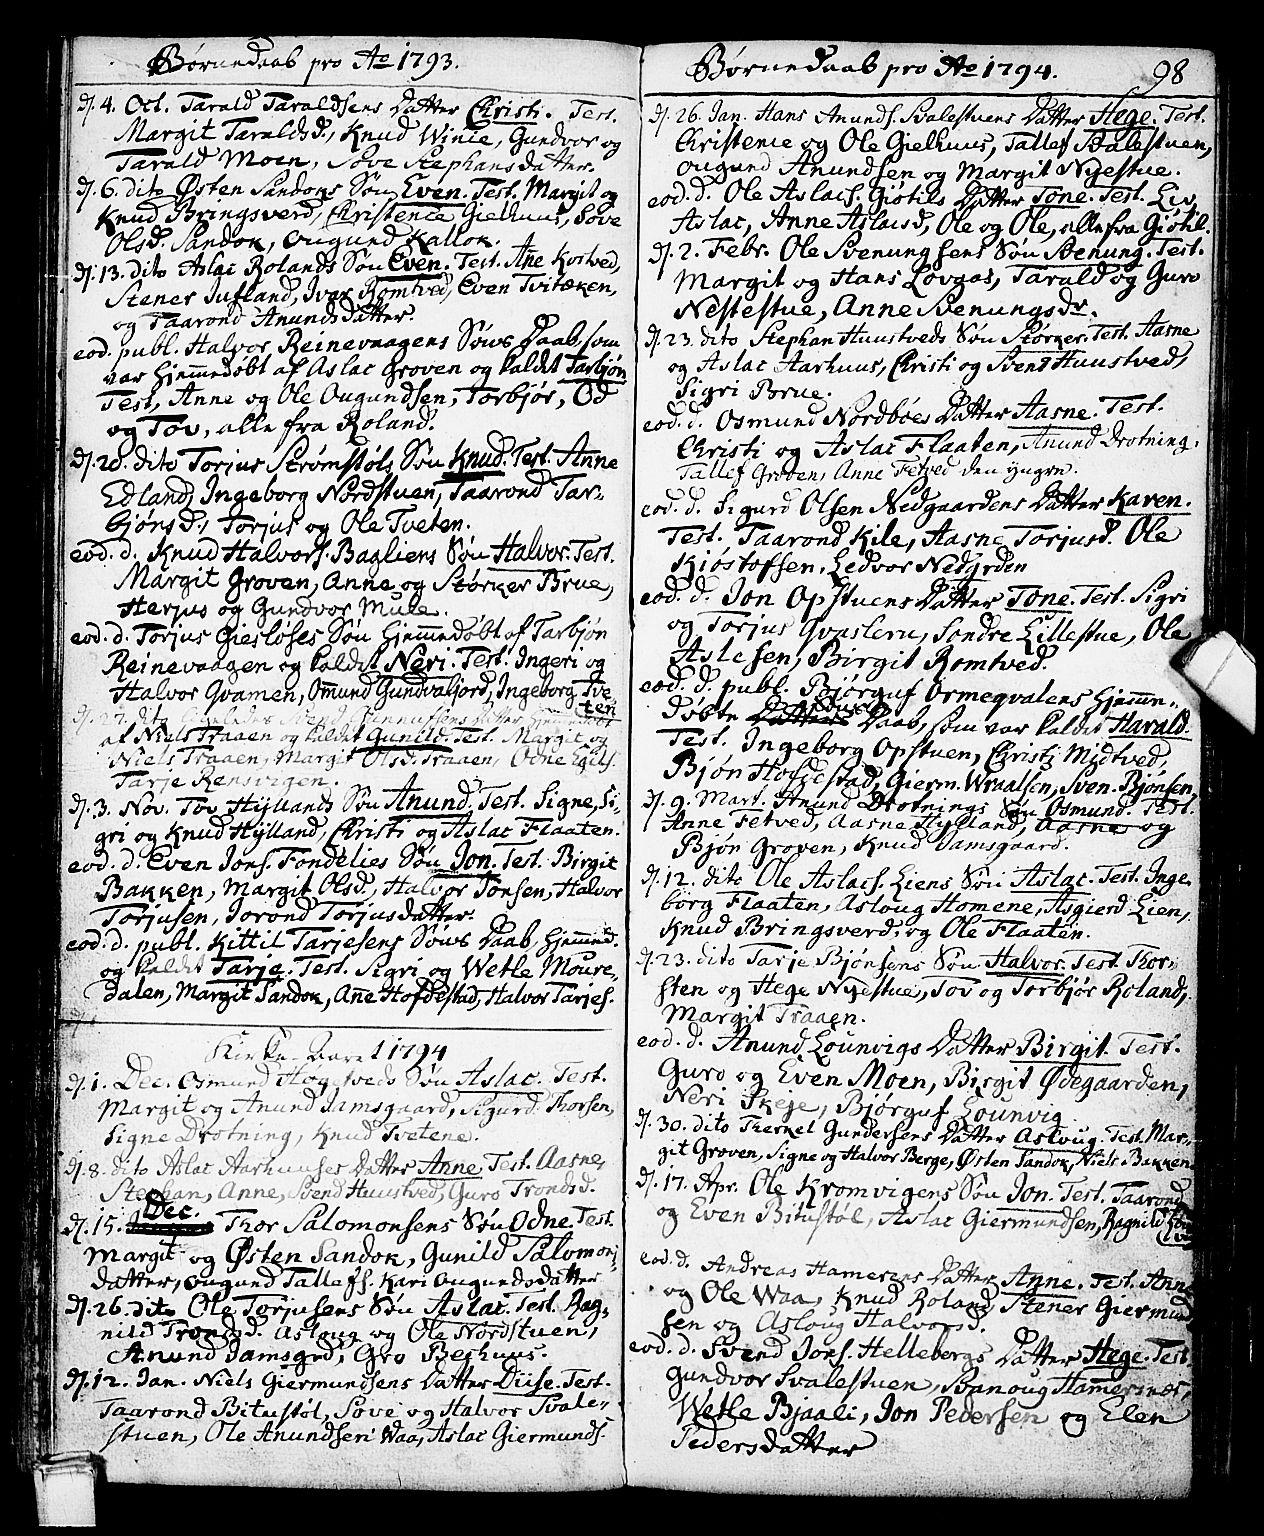 SAKO, Vinje kirkebøker, F/Fa/L0002: Ministerialbok nr. I 2, 1767-1814, s. 98